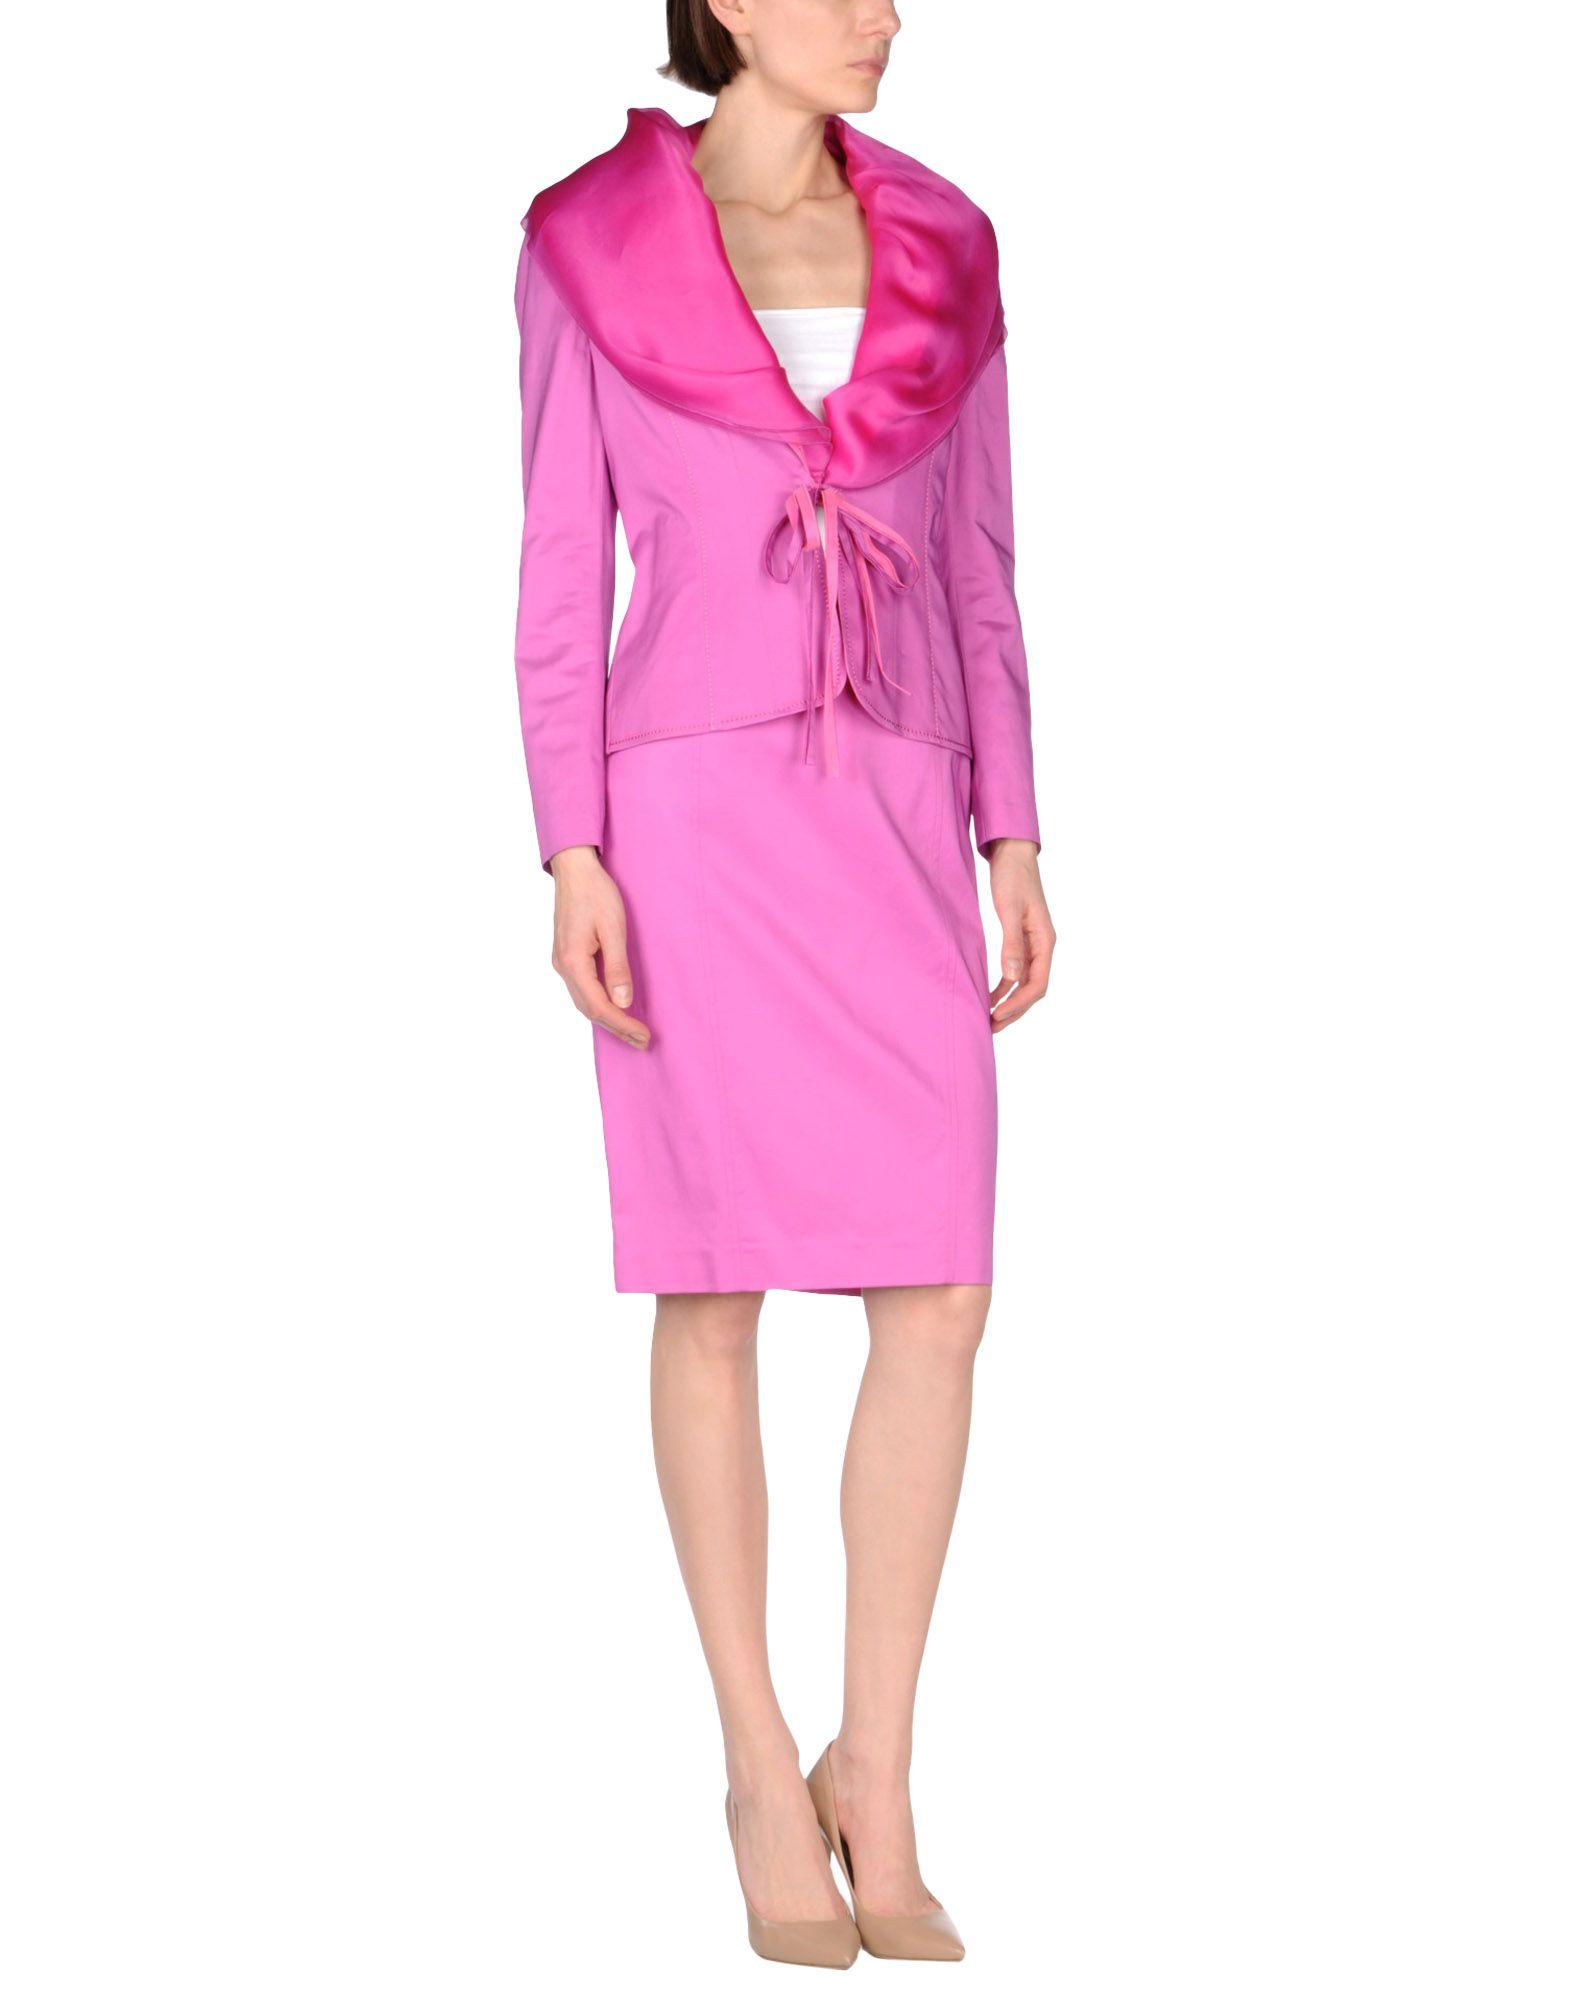 MARIA GRAZIA SEVERI Классический костюм классический галстук аксессуар robe длинные tie костюм диагональные полосы терилен